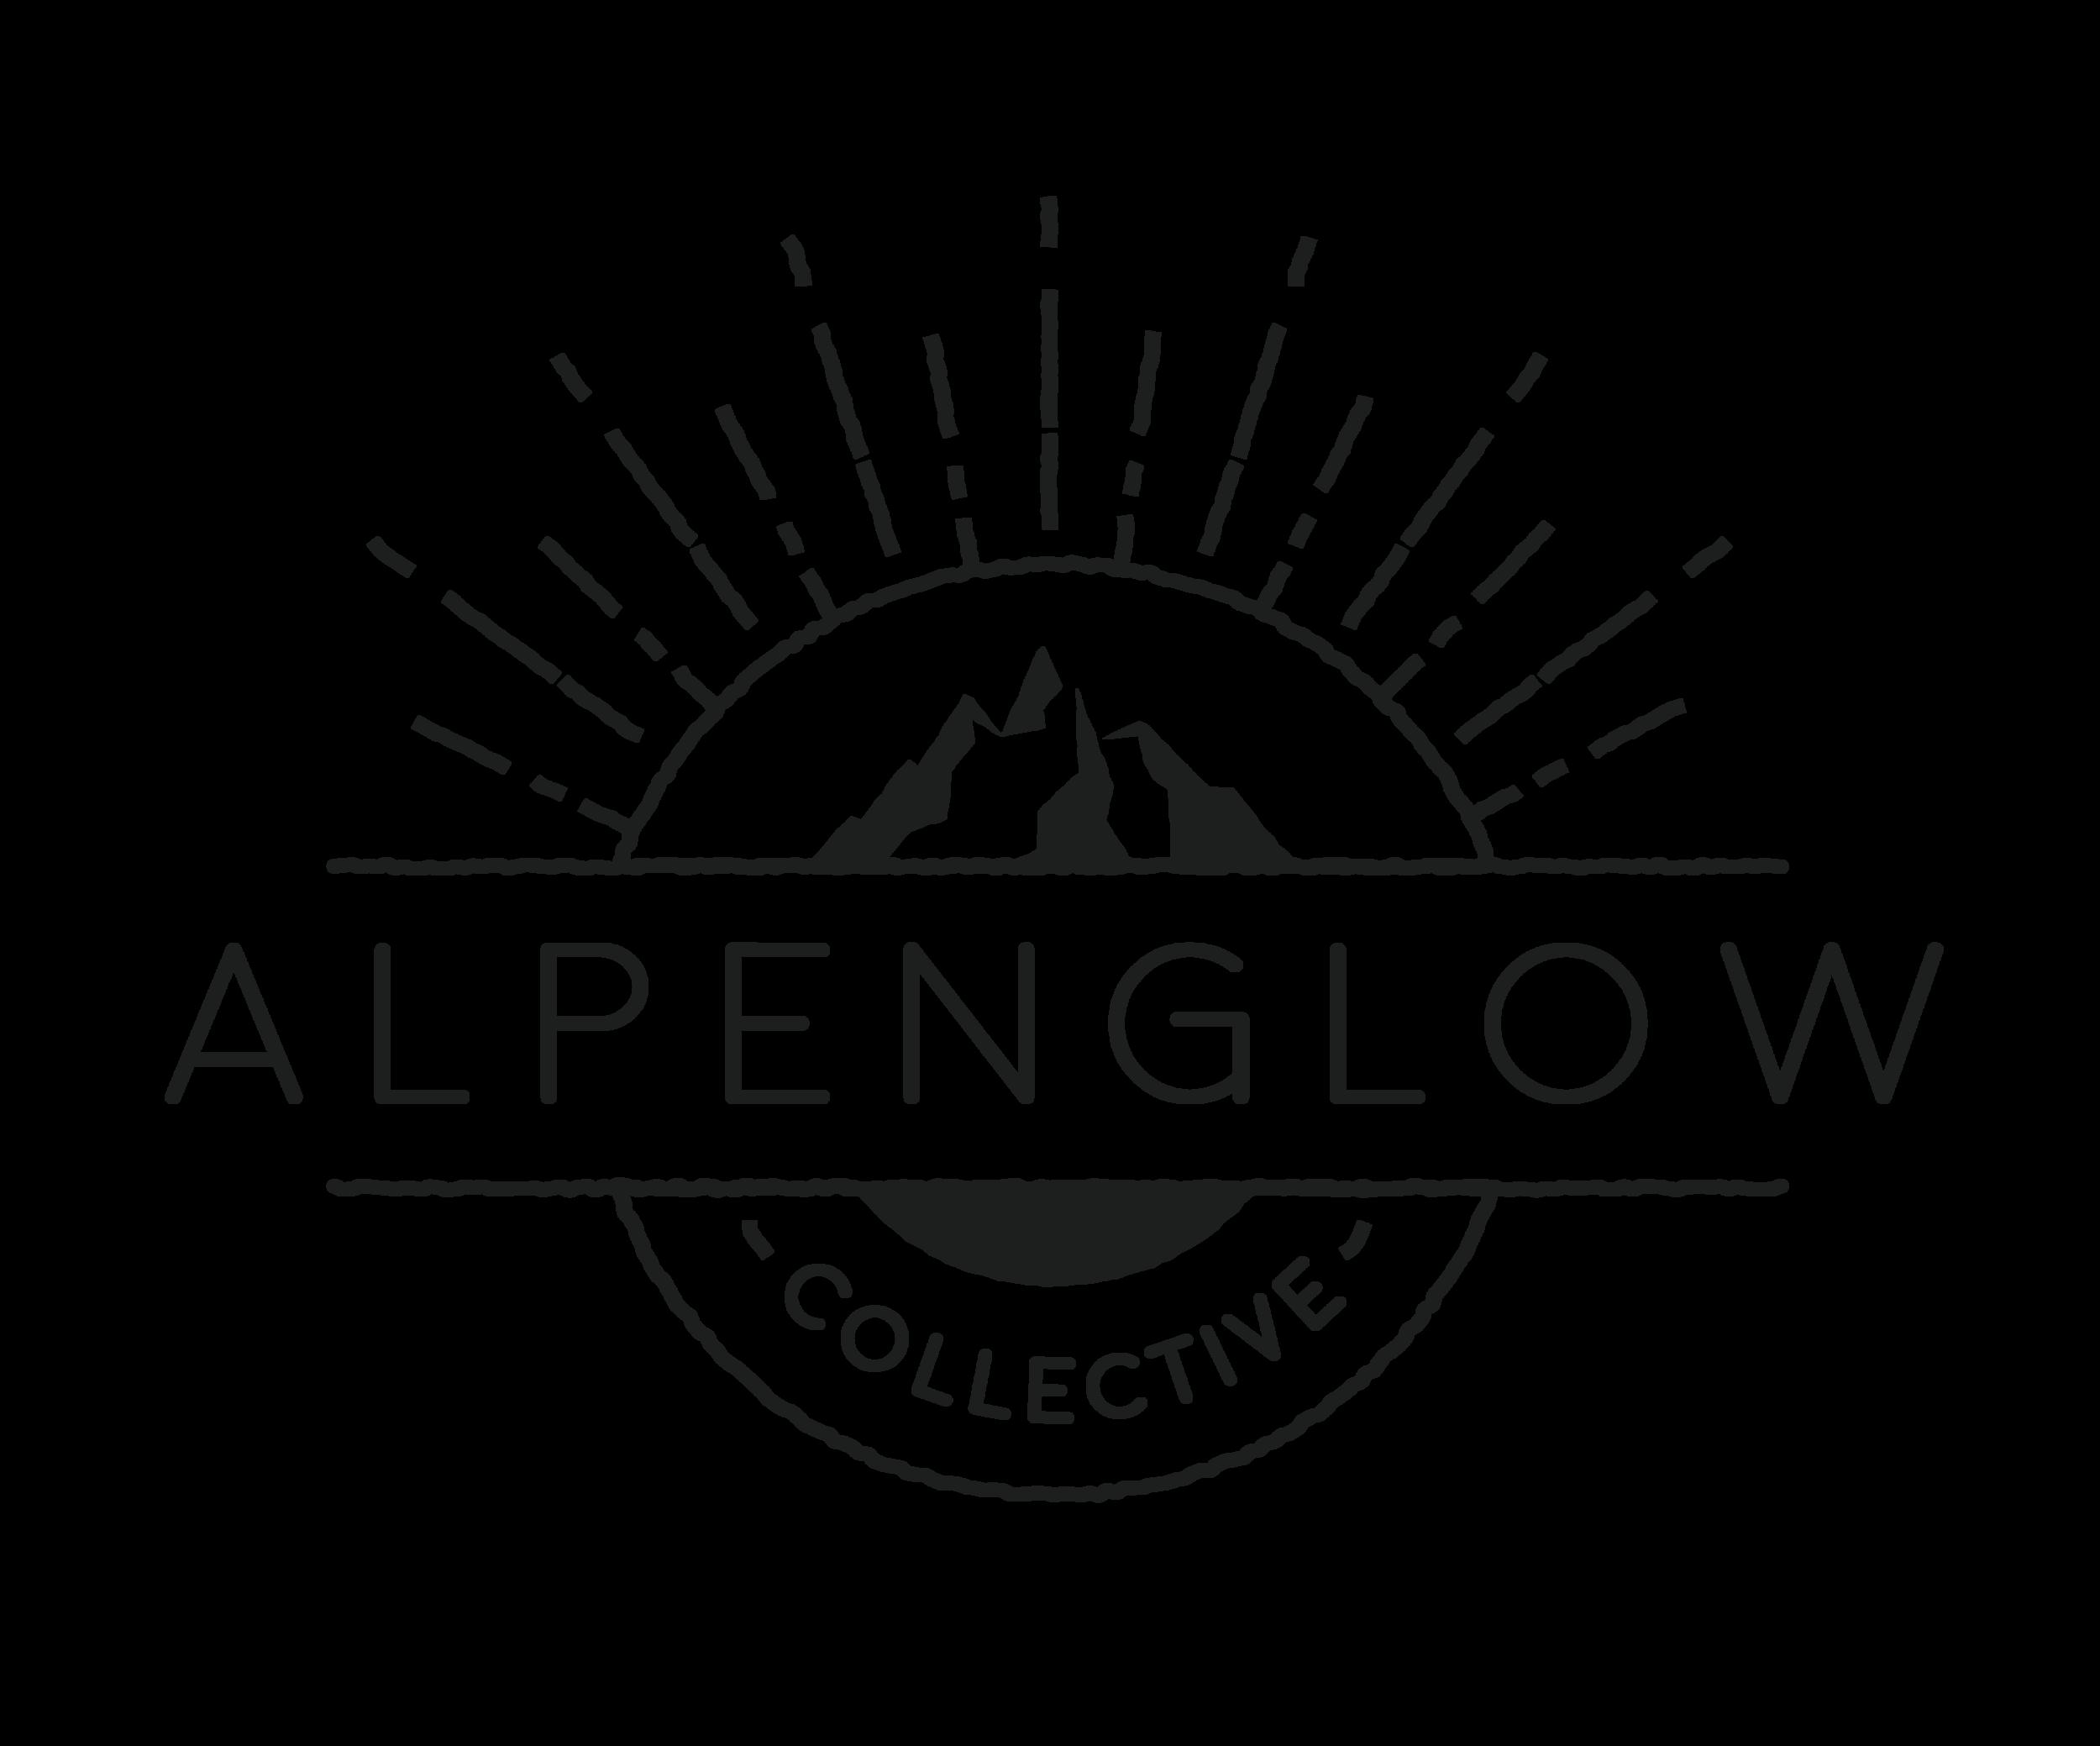 Alpenglow - Black.png